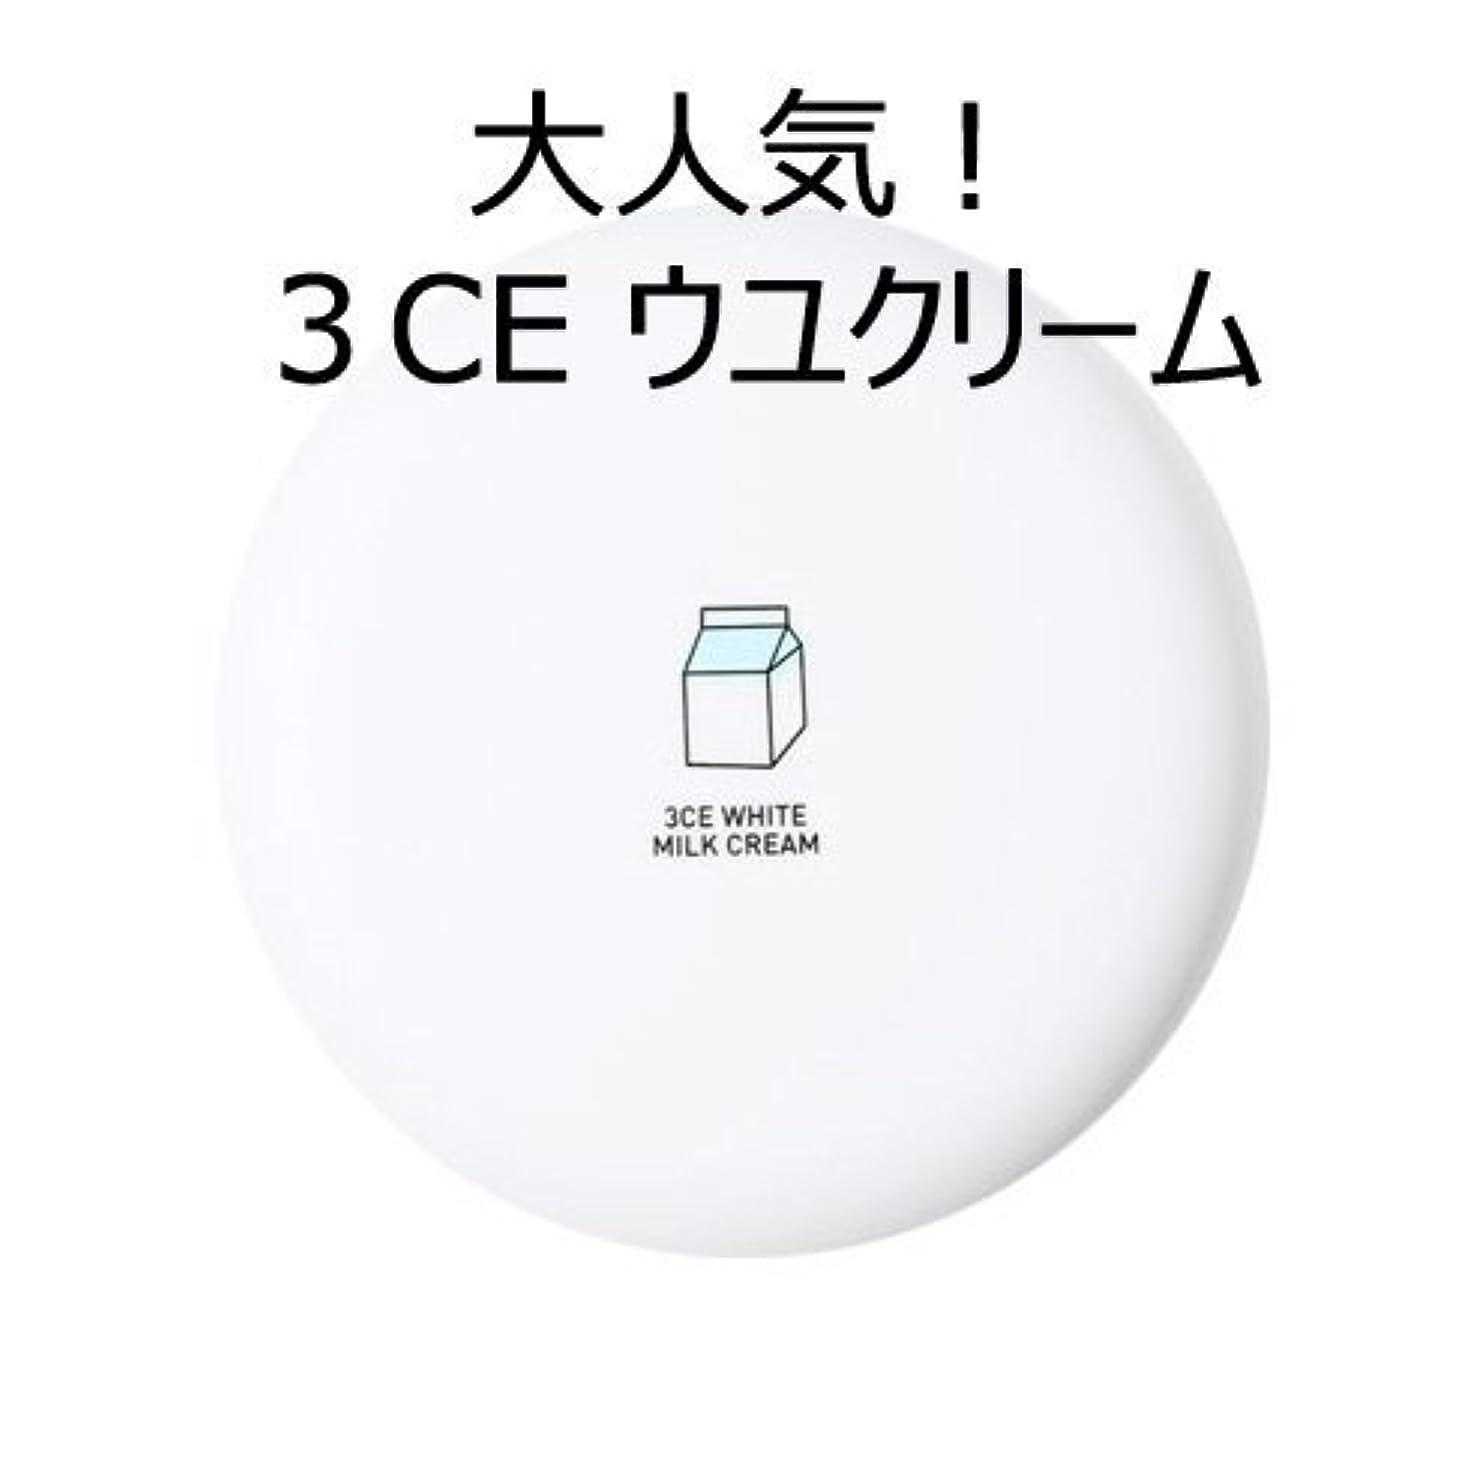 誤解を招くアソシエイトにやにや[3CE] [大人気!話題のウユクリーム] 3CE White Milk Cream [並行輸入品]